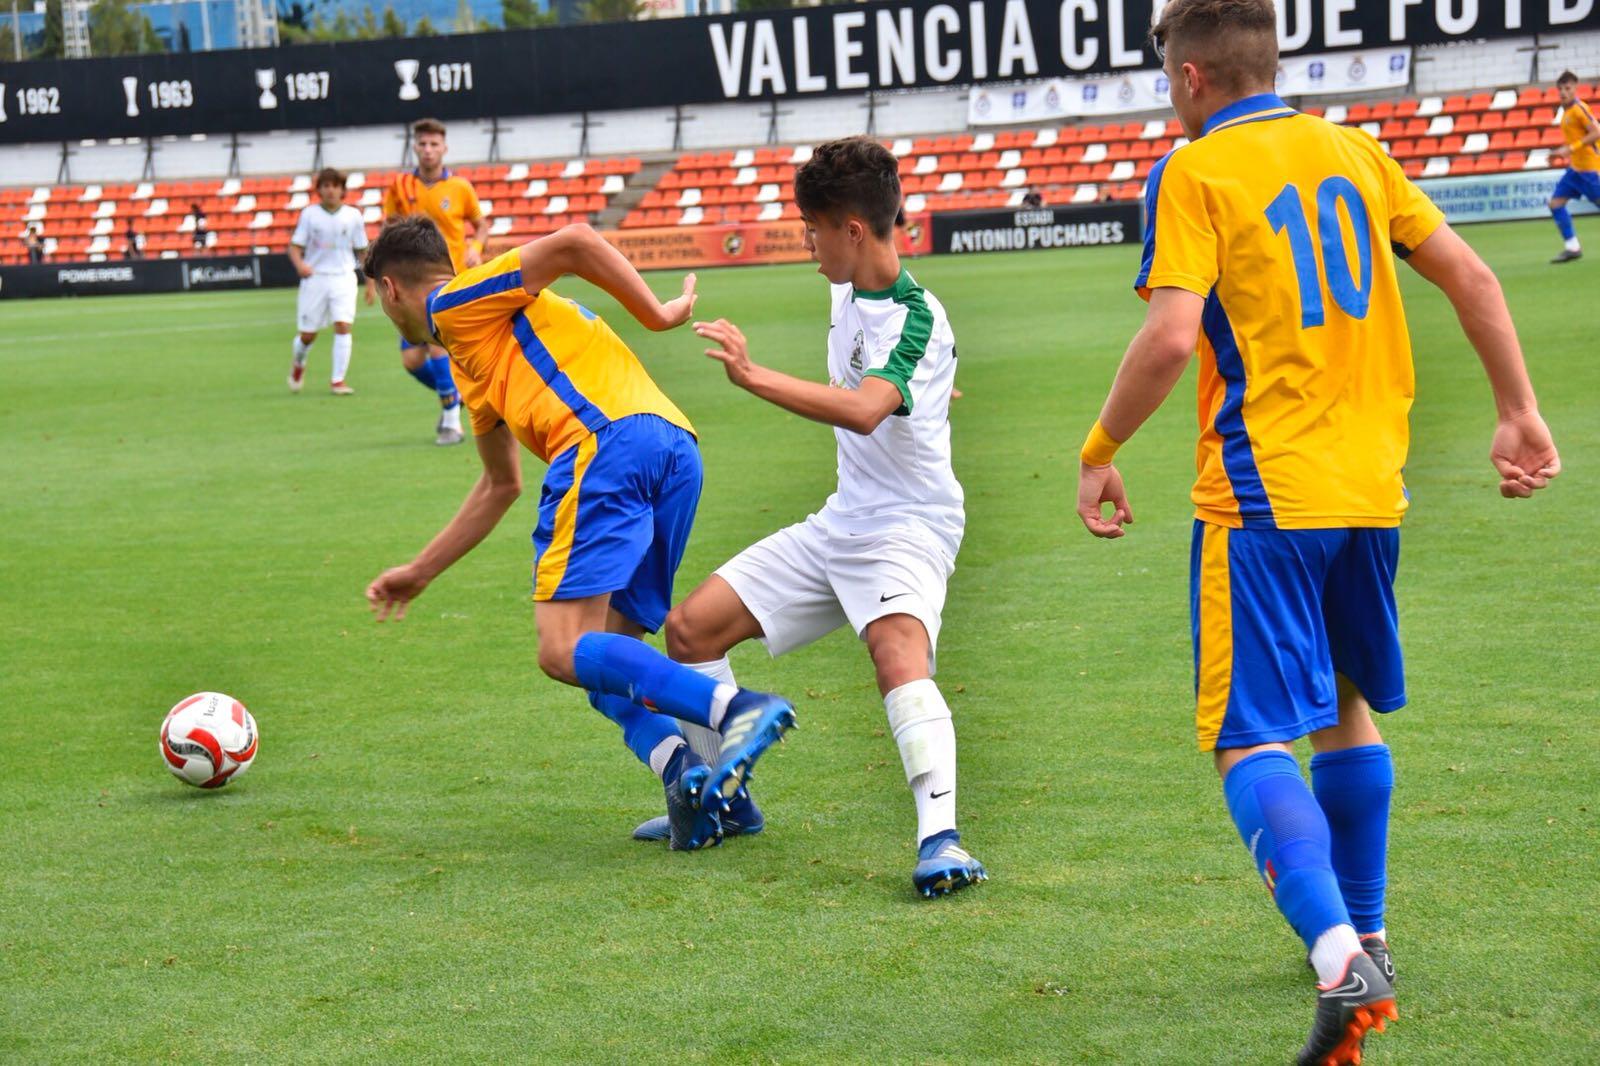 La selecci n valenciana pierde ante andaluc a en la for Federacion valenciana de futbol